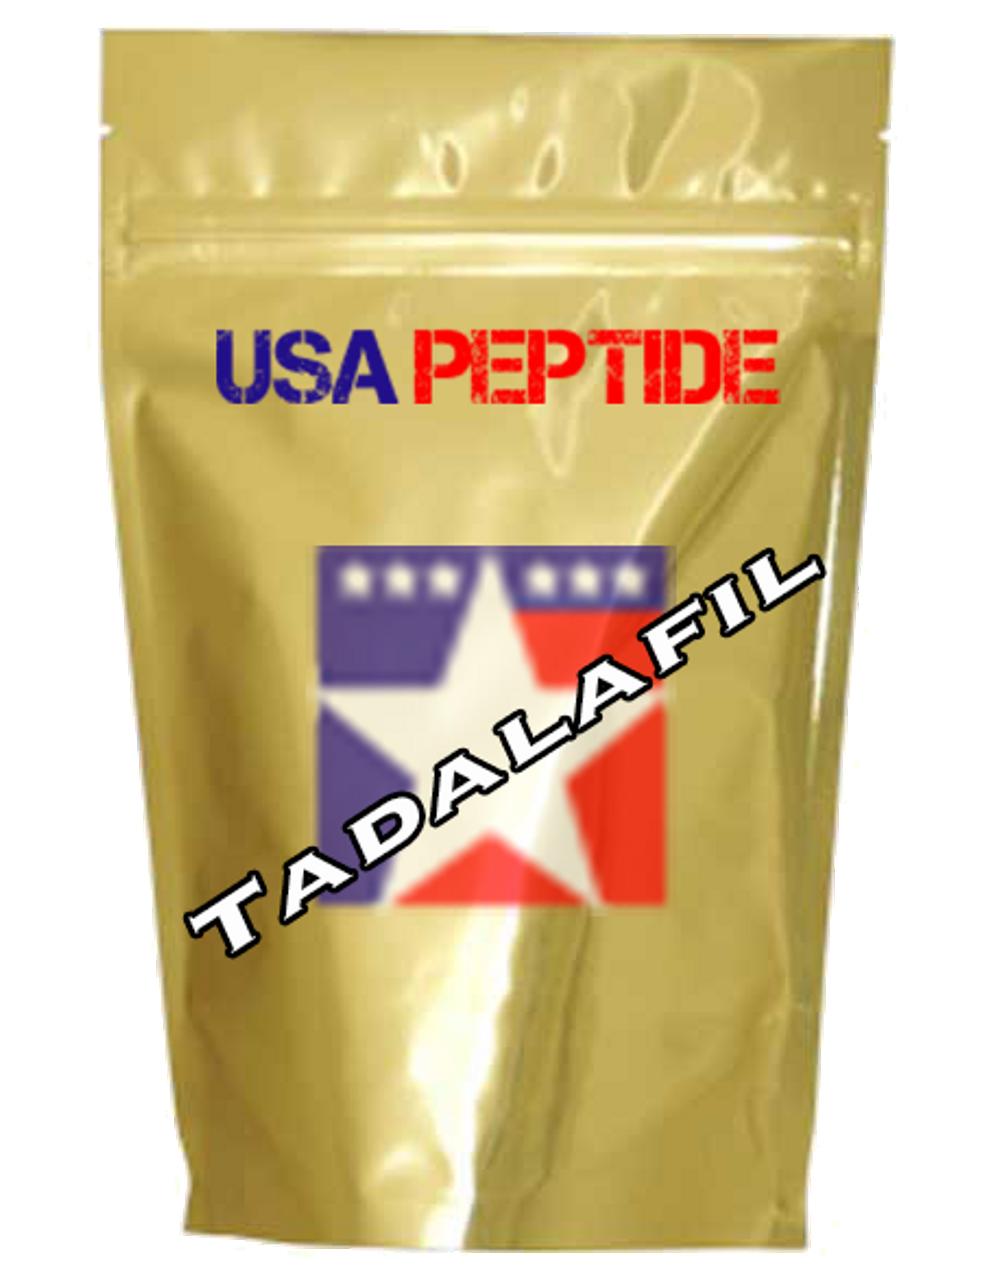 TADALAFIL CITRATE CAPSULES 30MG X 50 CAPSULES